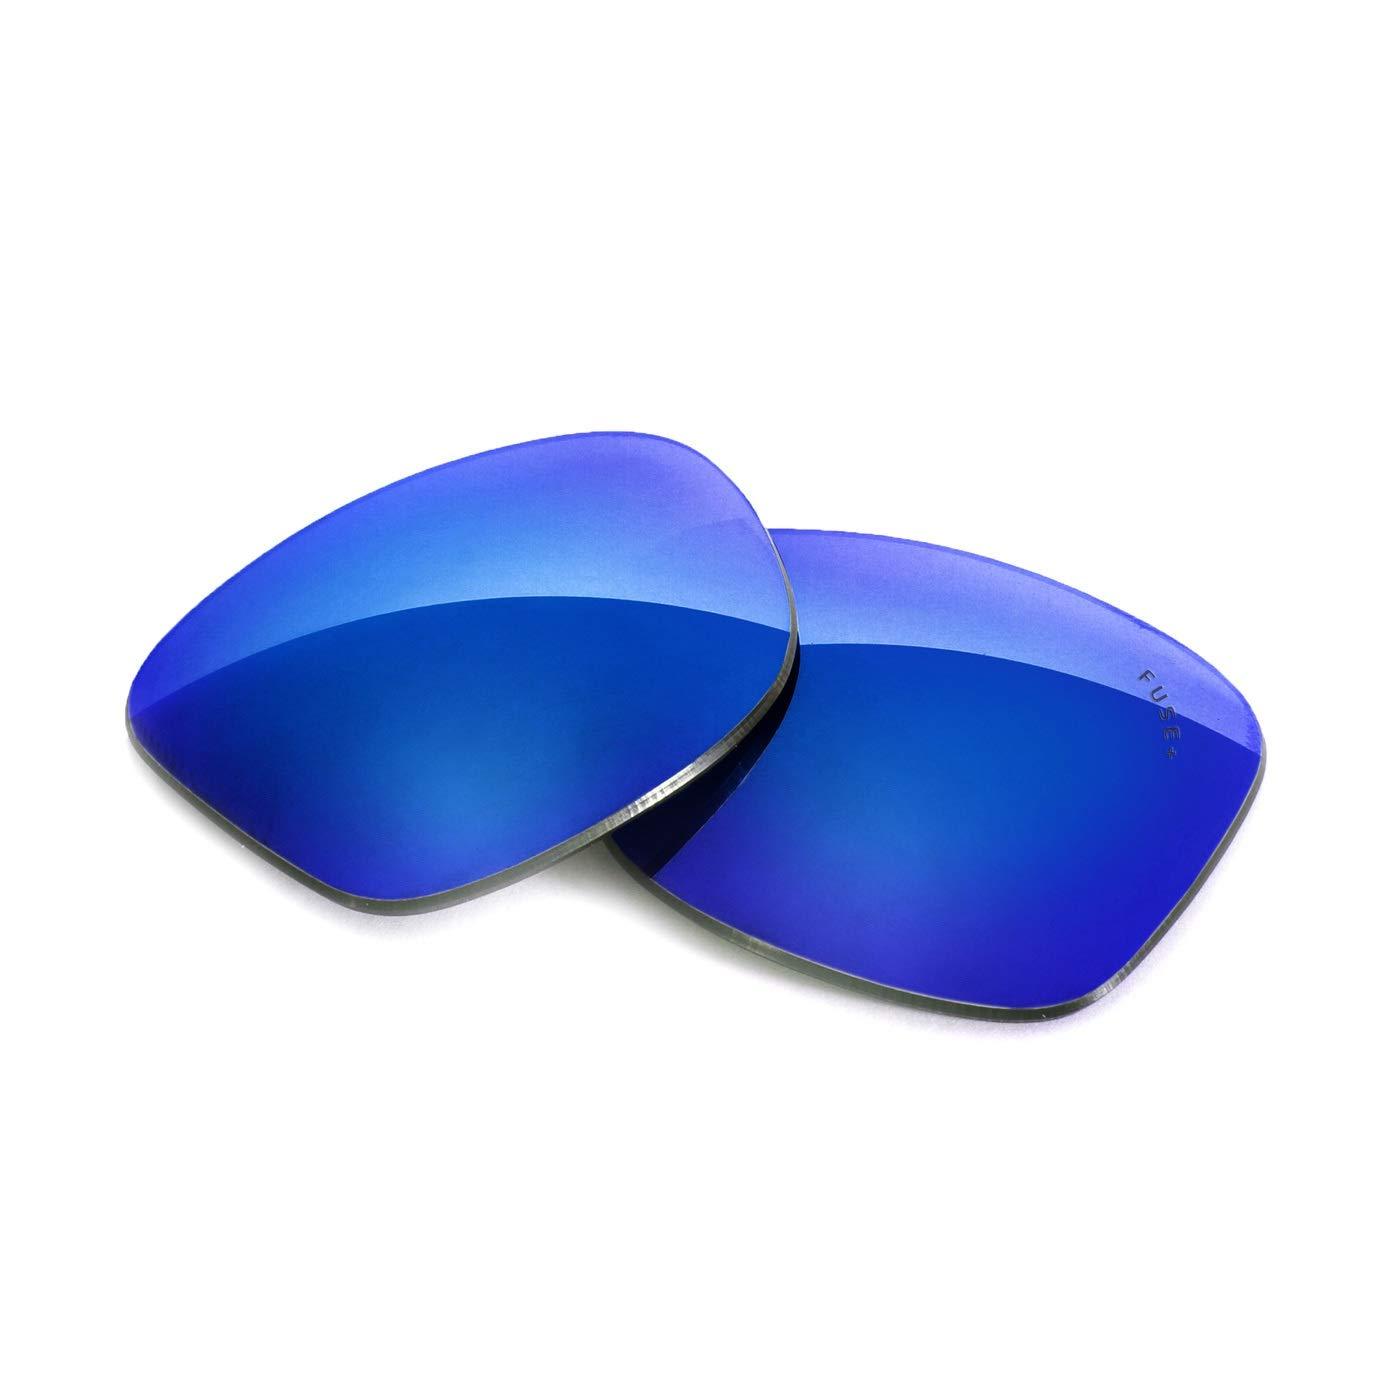 Fuse Lenses for Oakley Holbrook